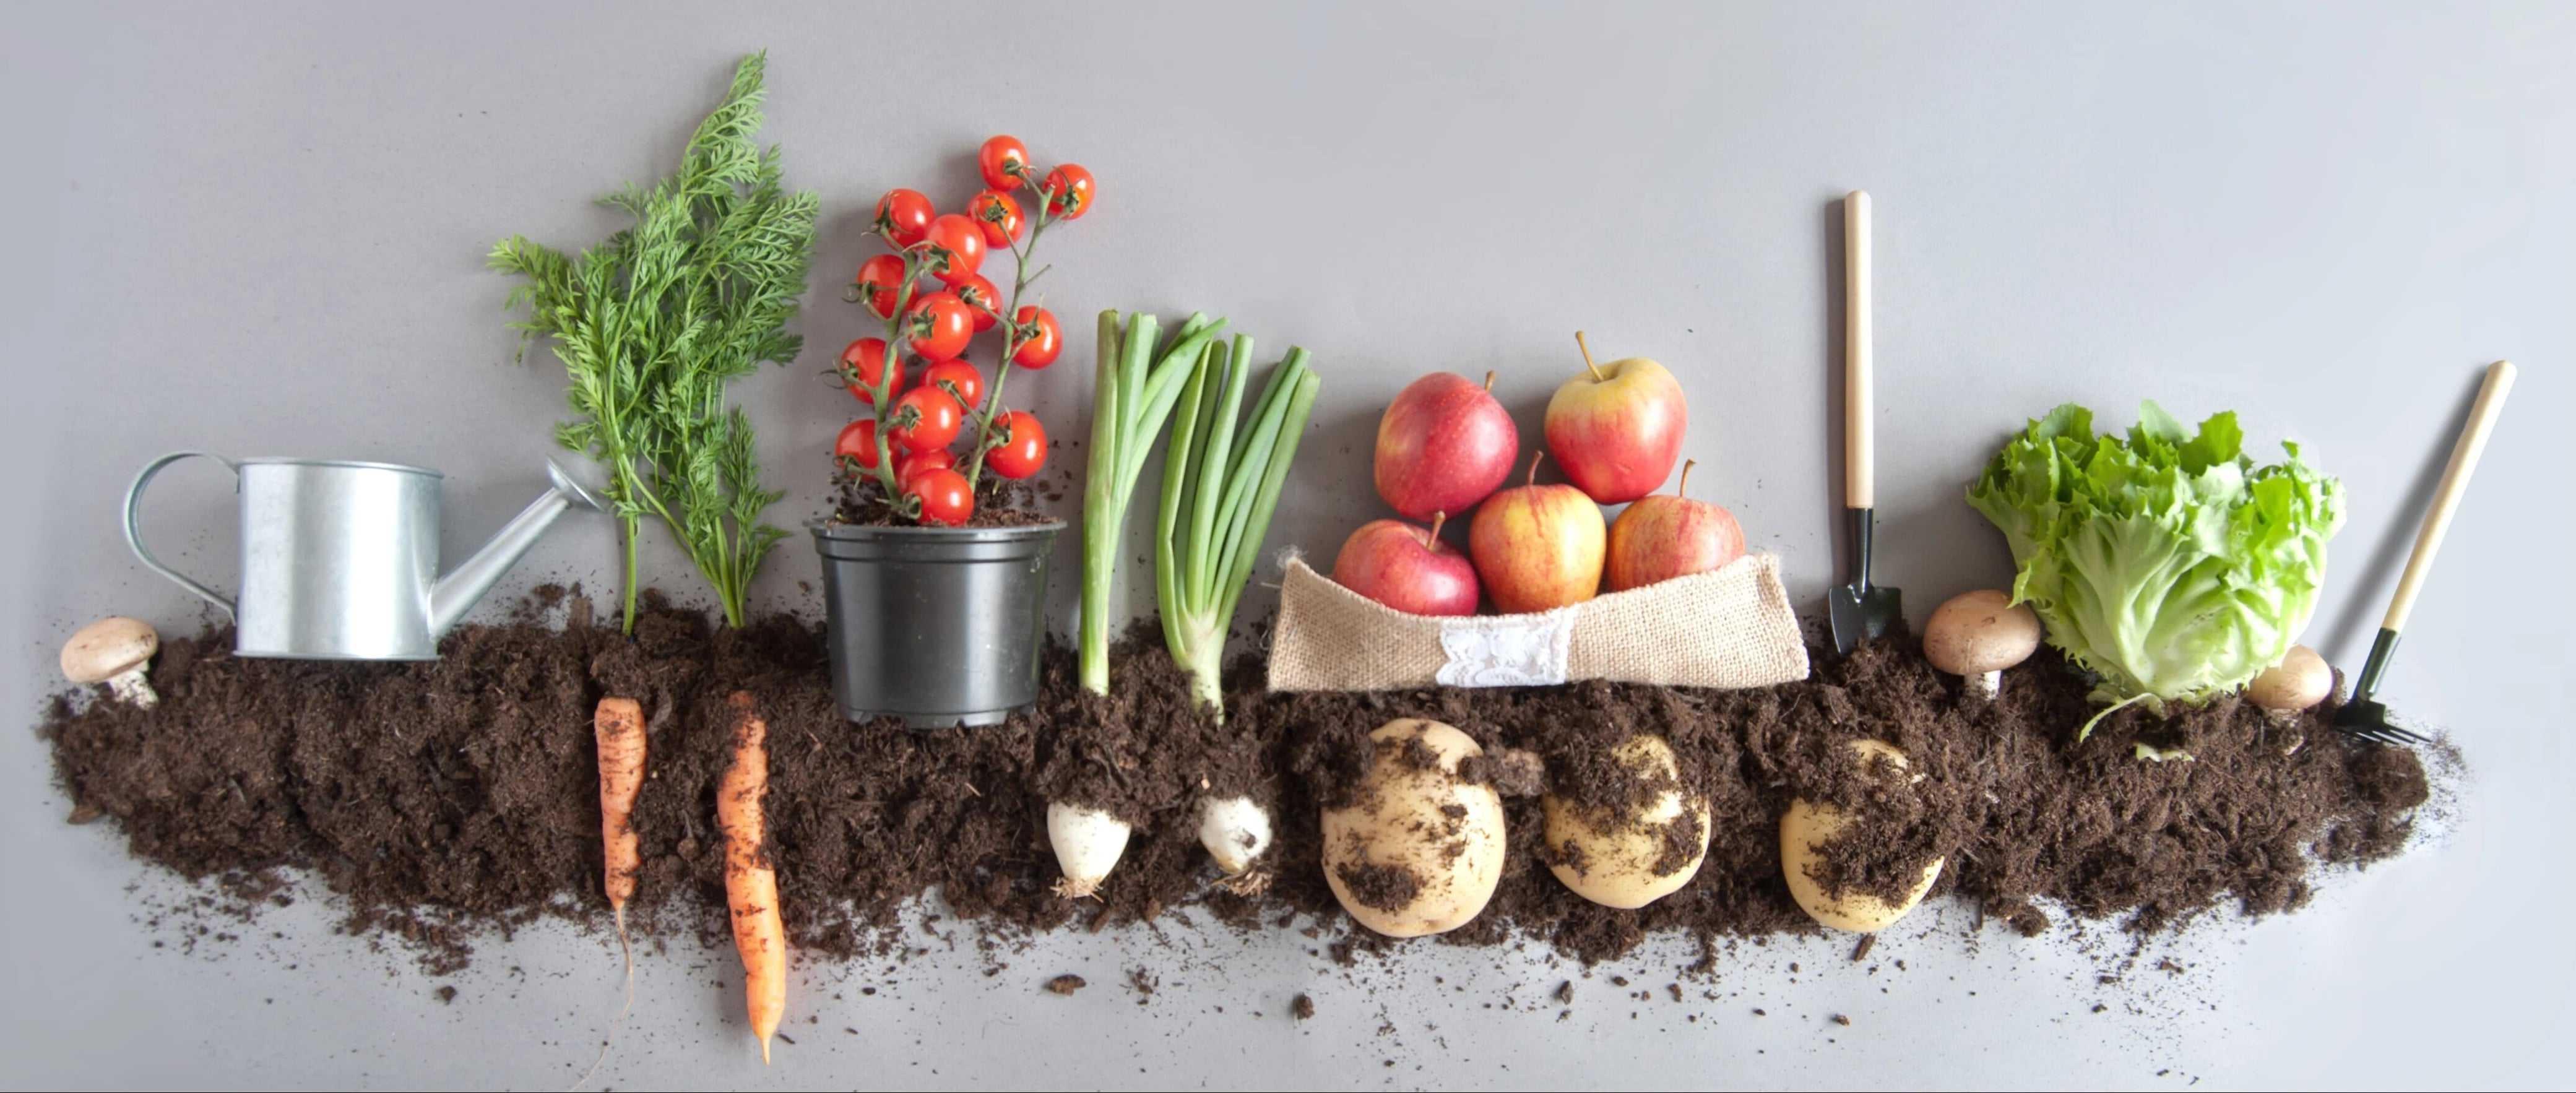 produits biologiques - alimentation saine - legumes - fruits